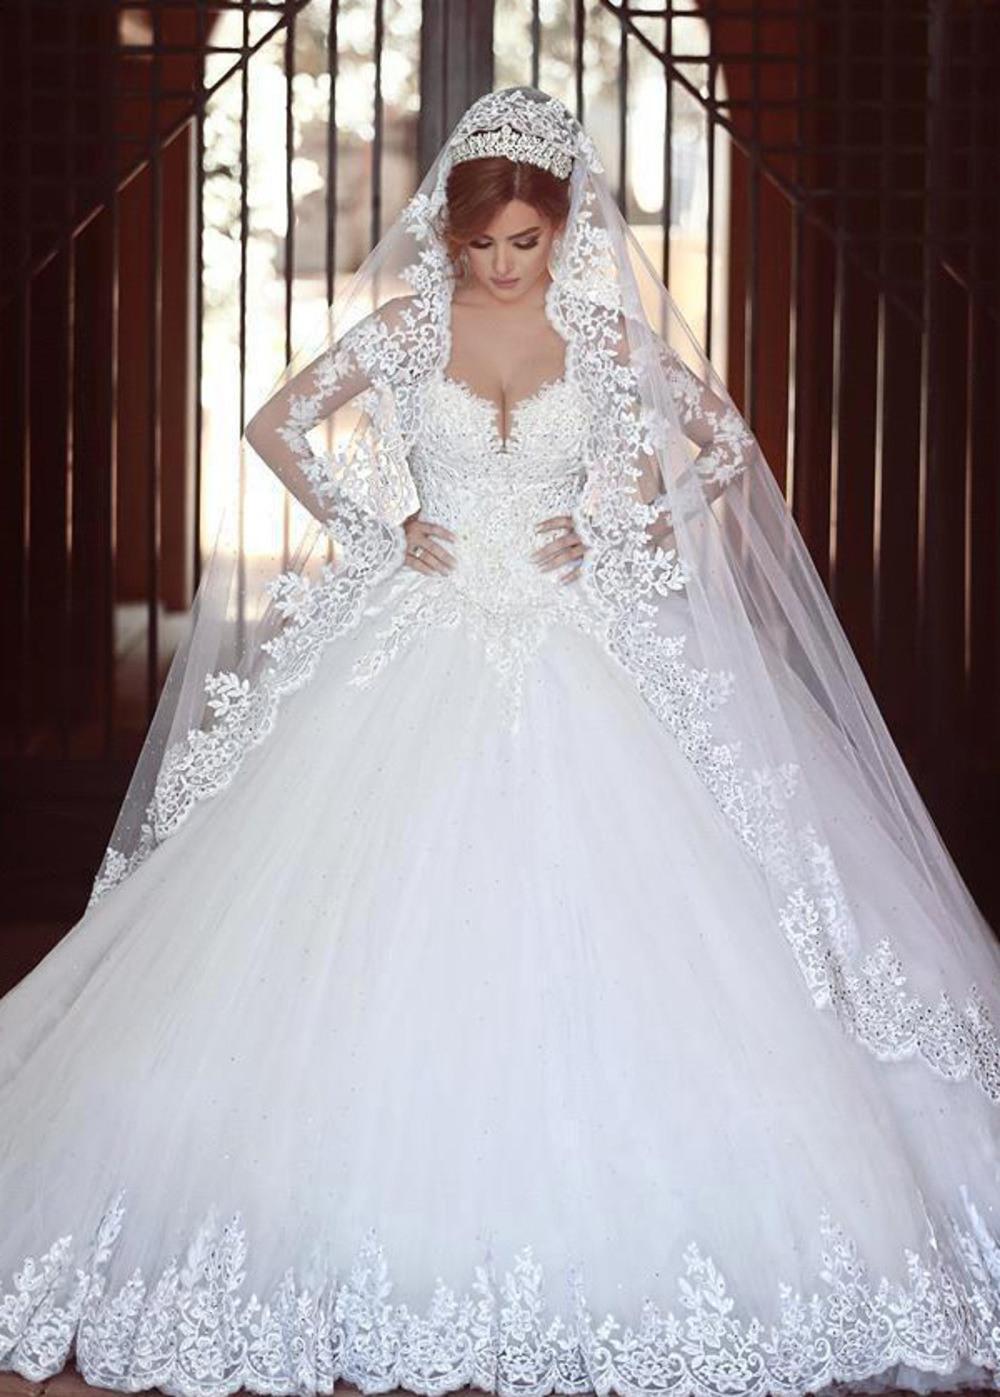 15 Top Hochzeitskleider Boutique13 Schön Hochzeitskleider Vertrieb